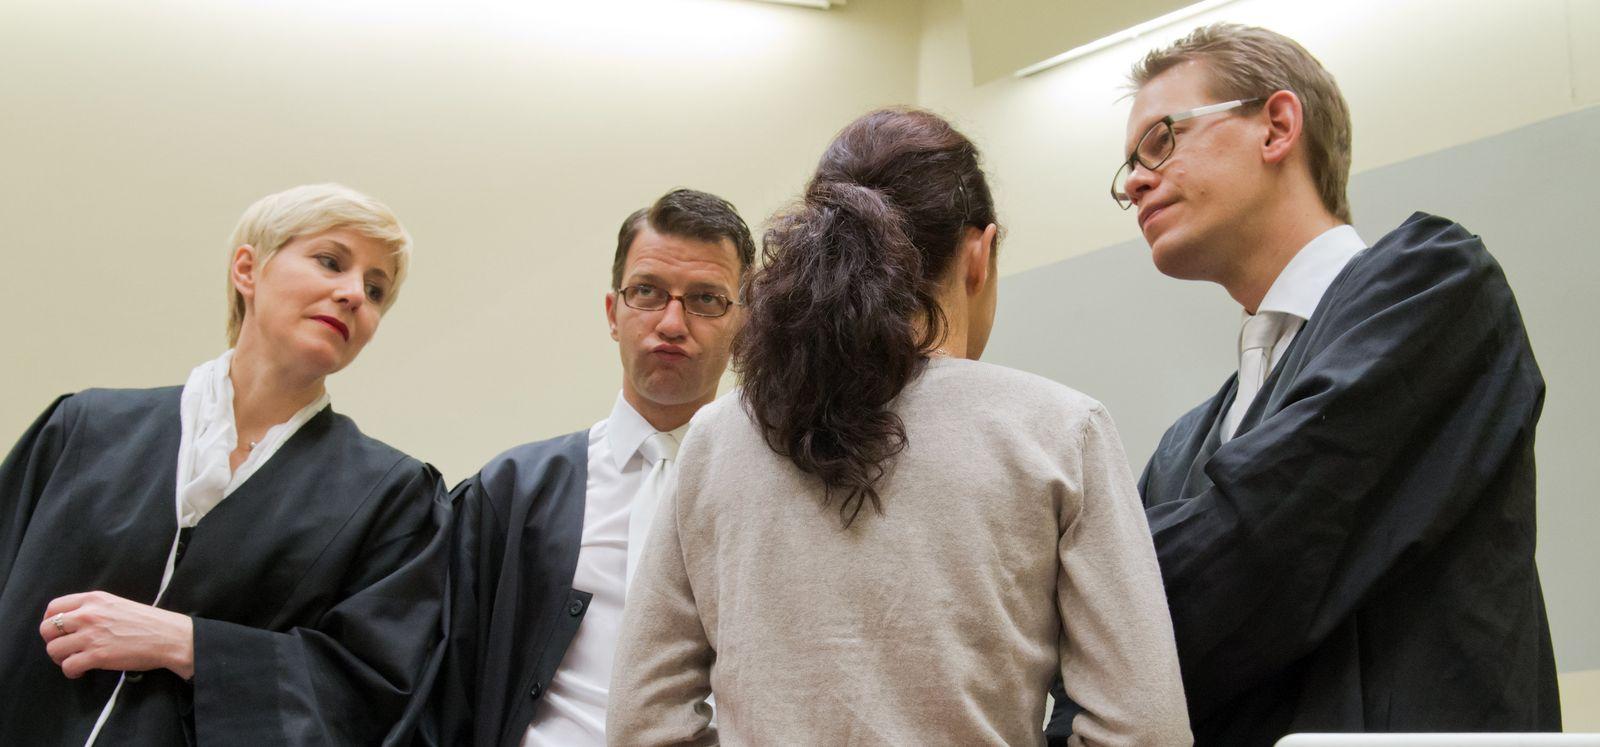 Zschäpe/ Anwälte